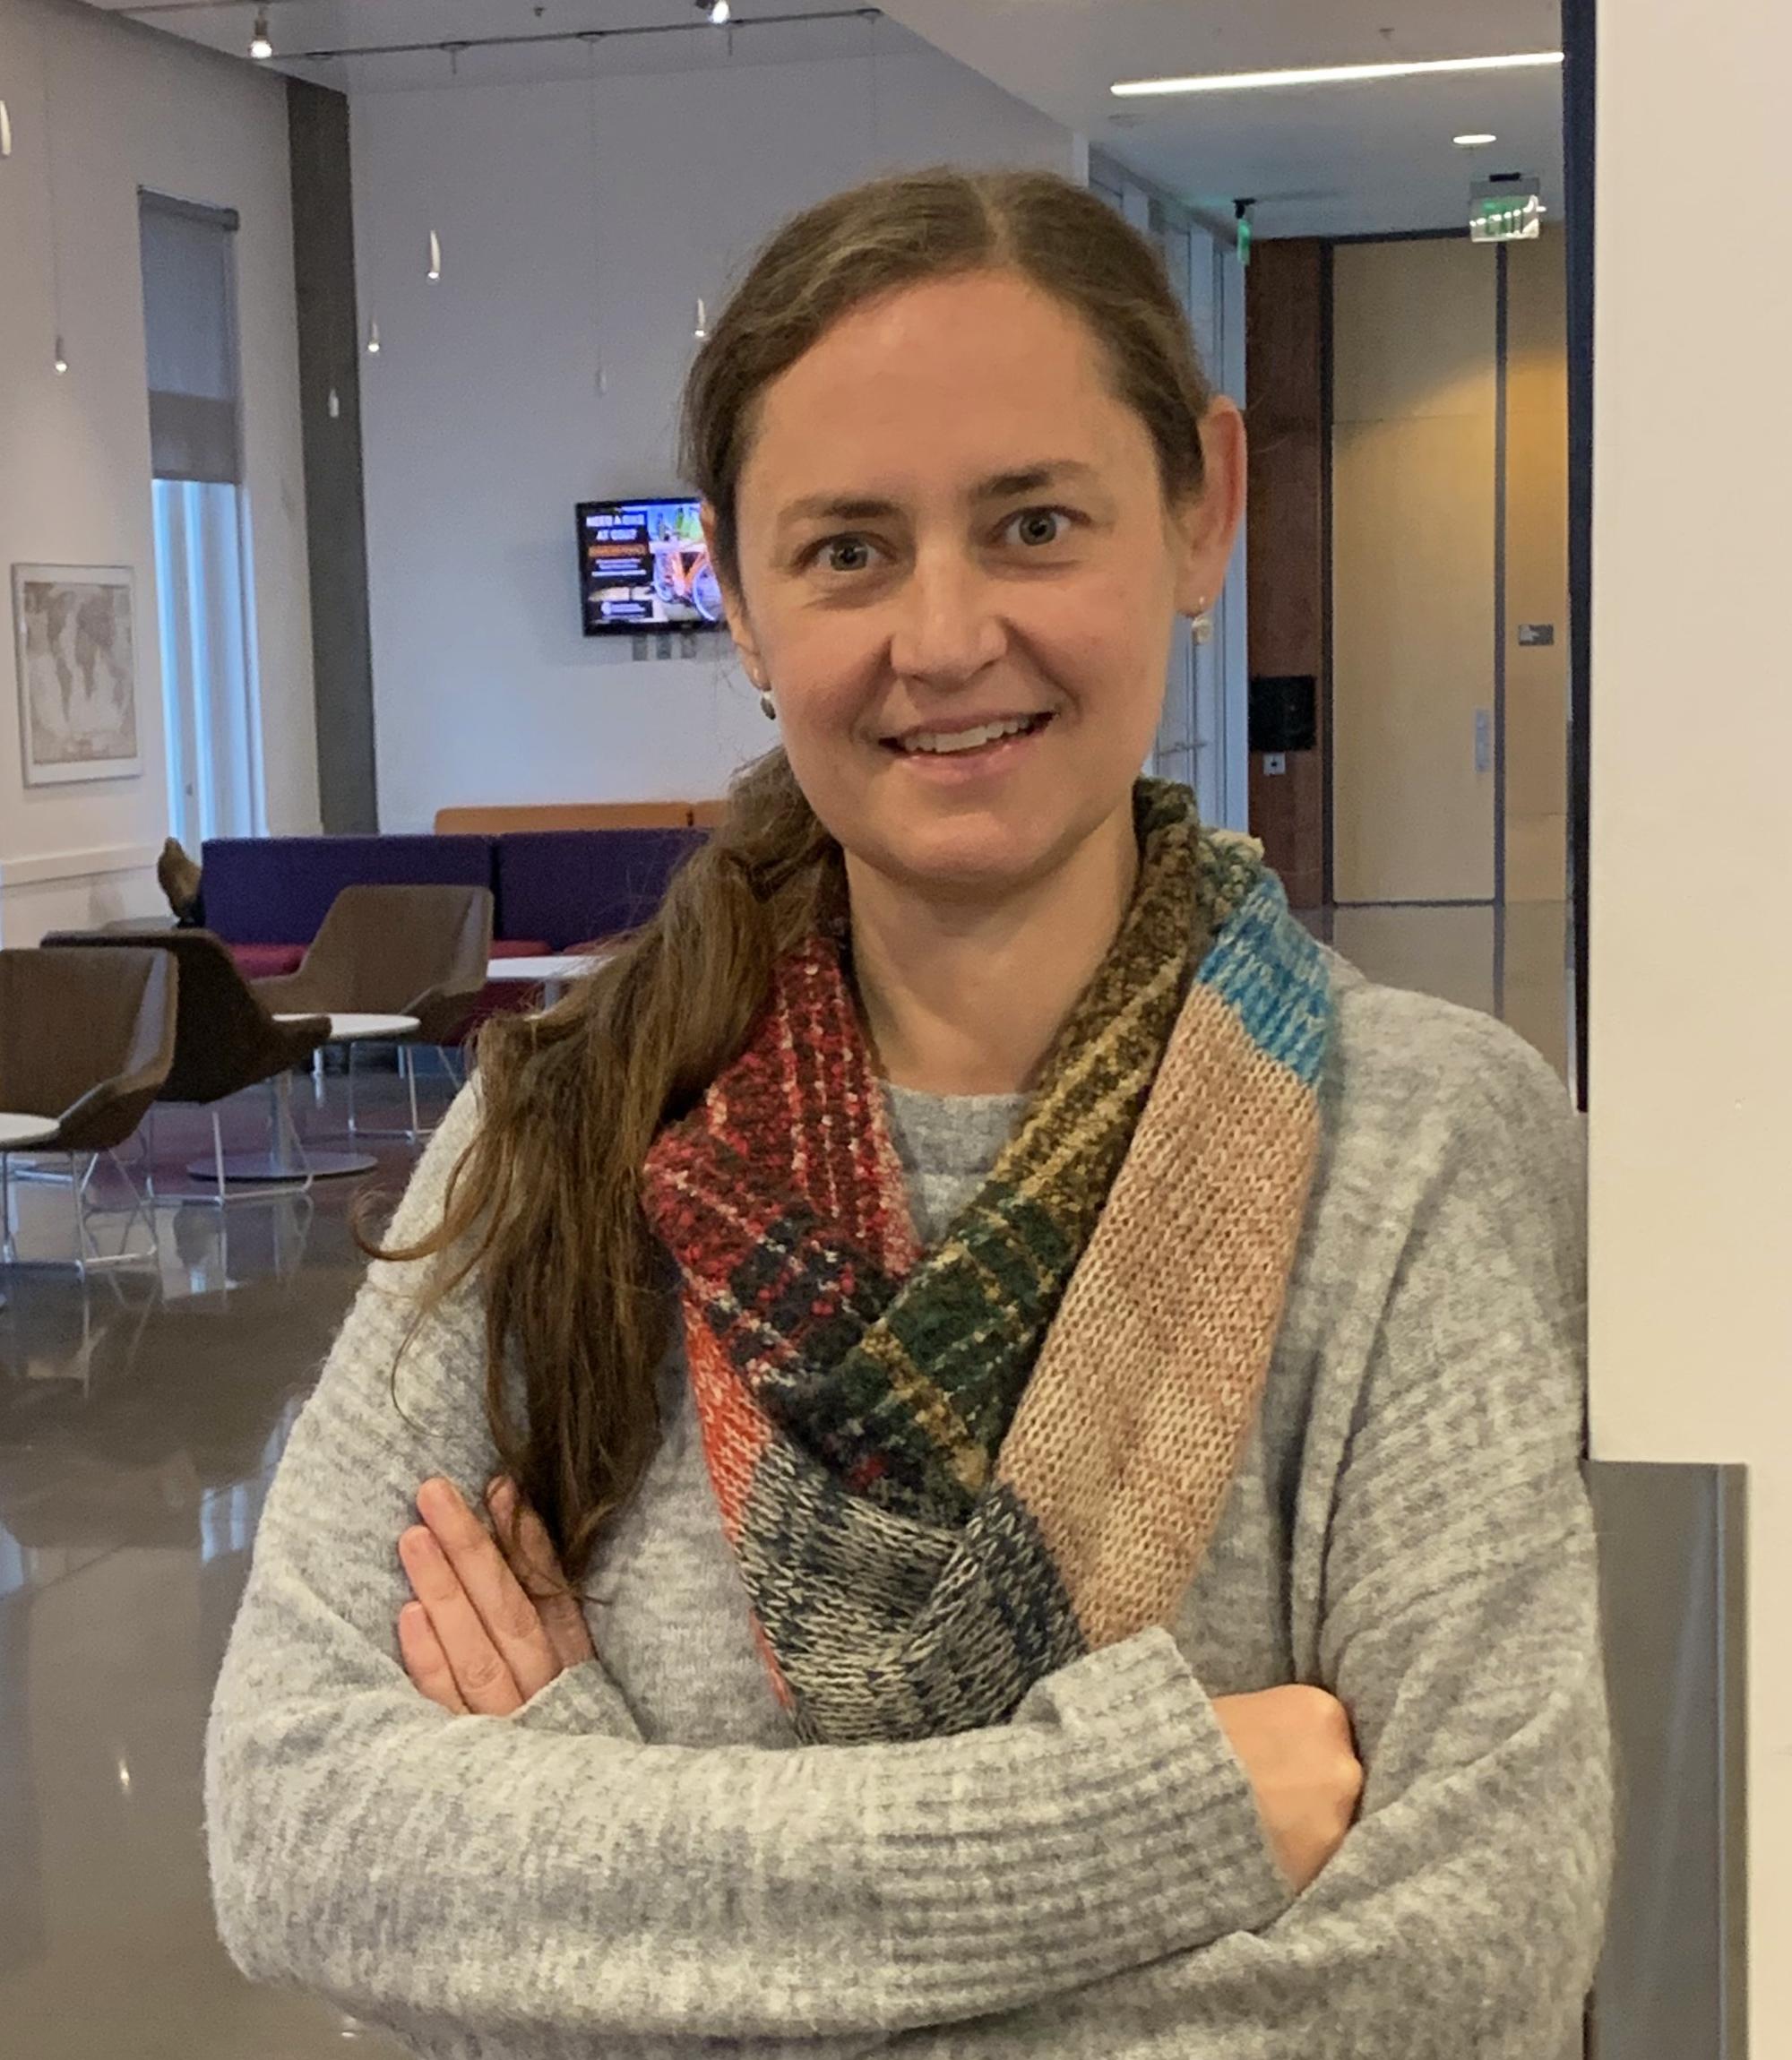 Julie Zwart Graduate Pathway Instructor at OSU